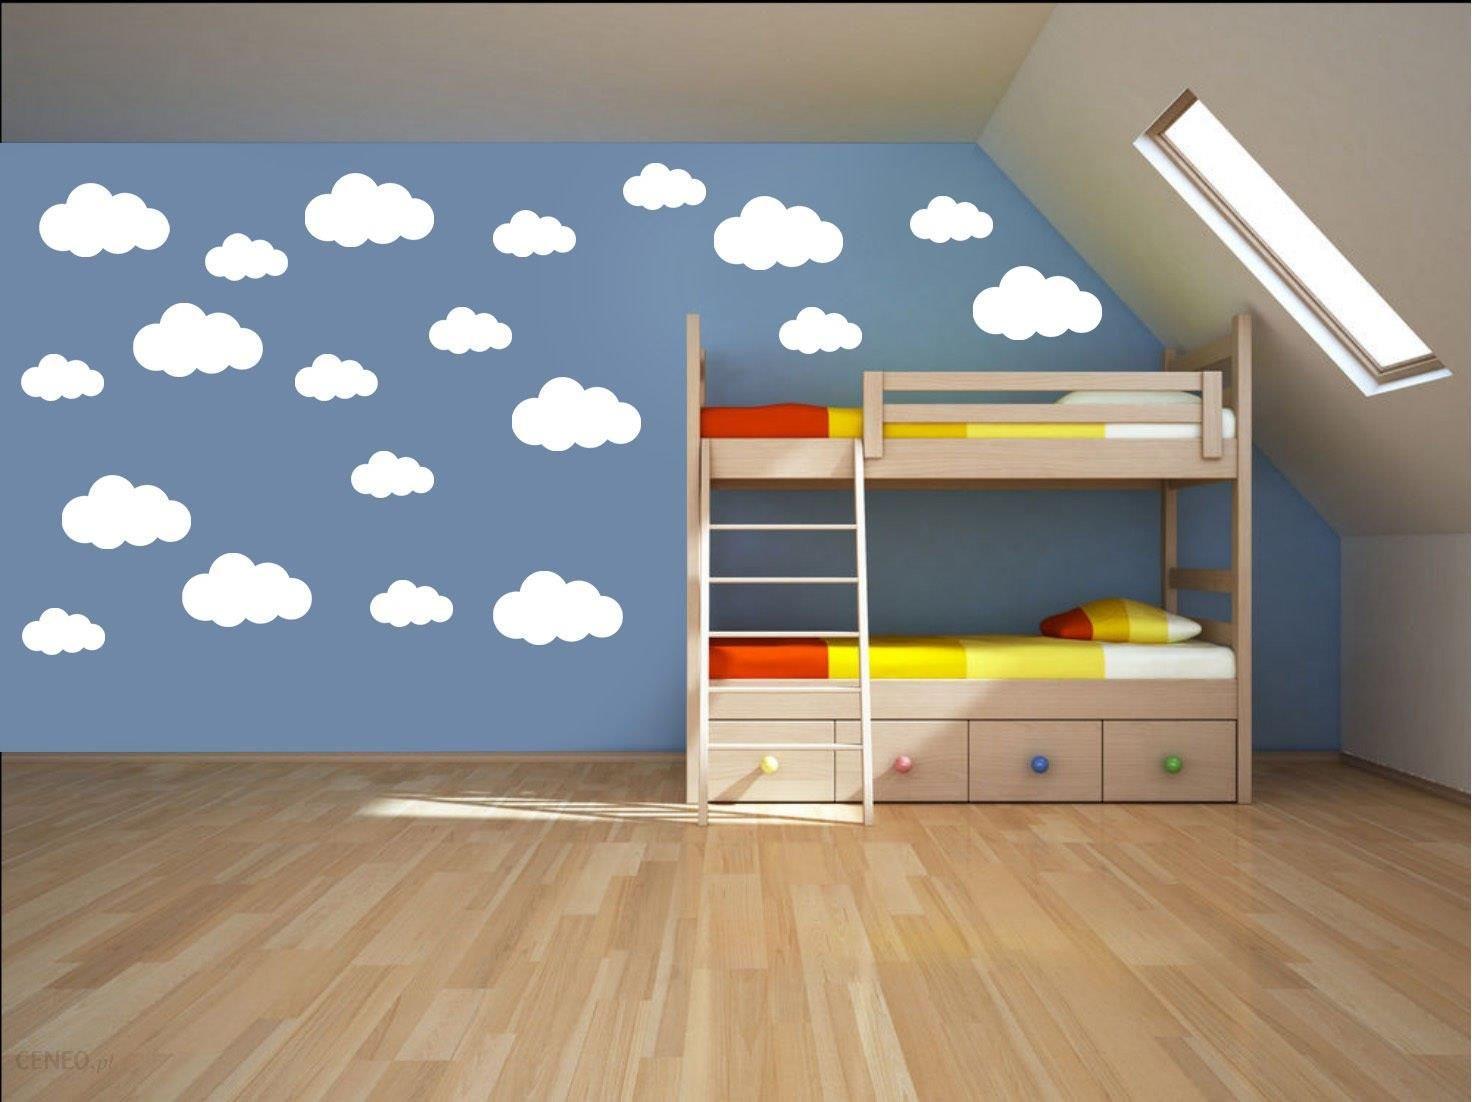 Aliexpress Zn G221 37 Sztuk Chmury Pokój Dziecięcycytat Wall Art Wnętrz Dekoracje ścienne Sticke Pokoju Dziecka Ceneopl